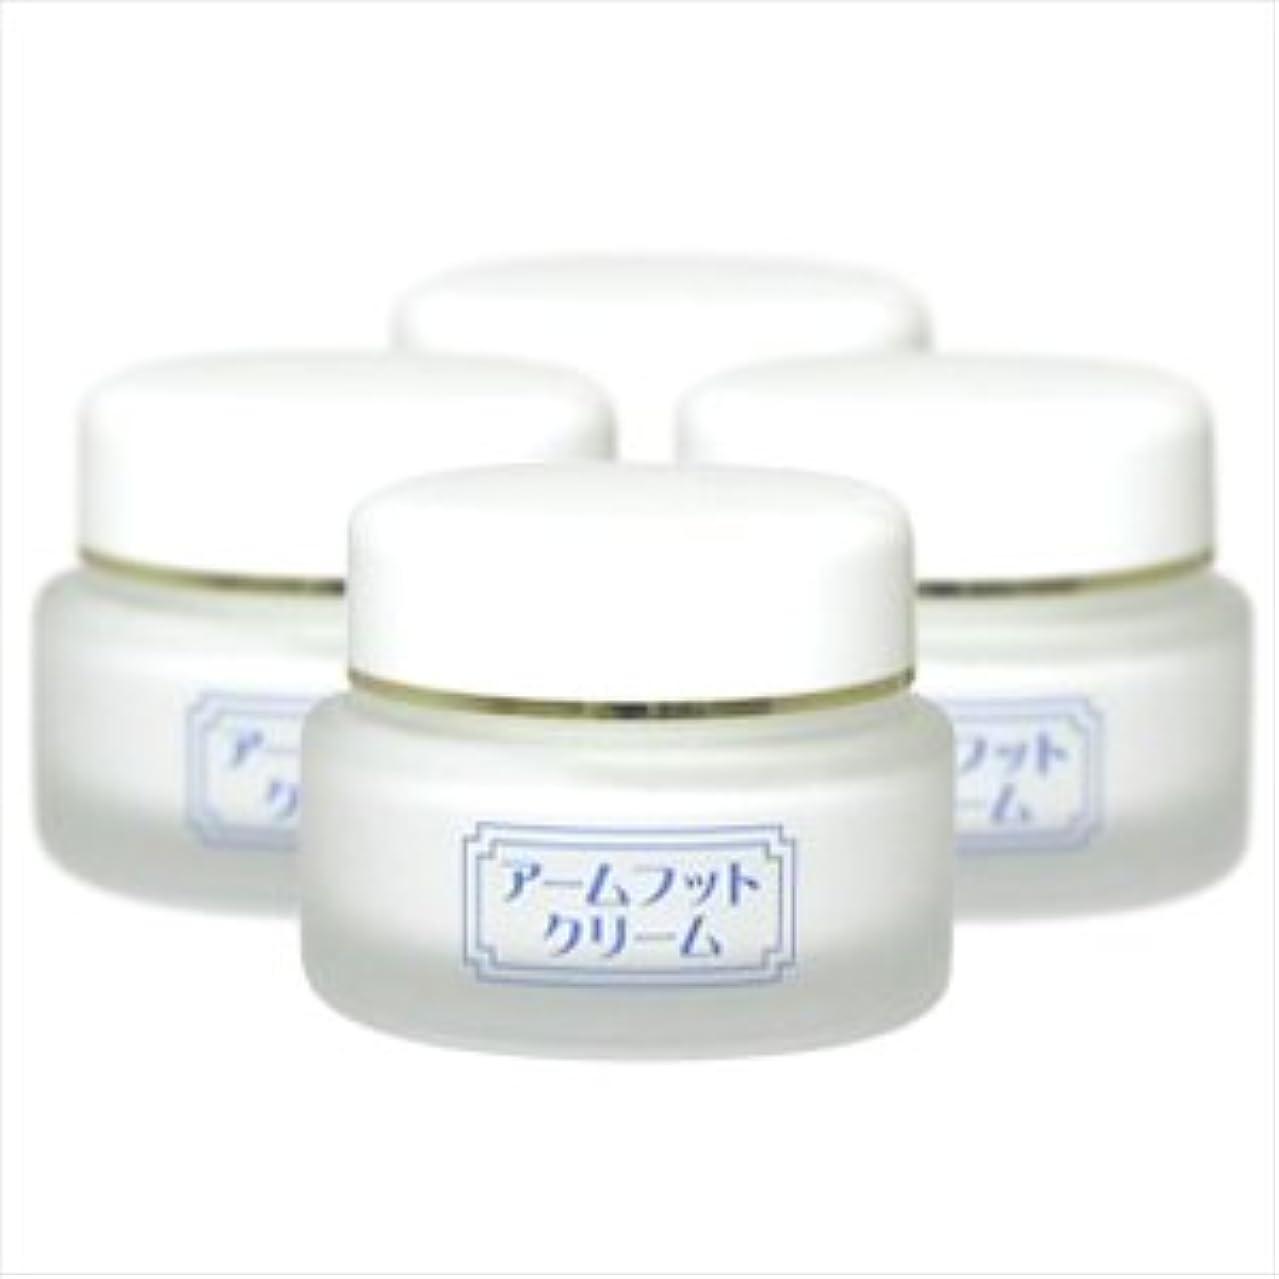 断片禁止する無秩序薬用デオドラントクリーム アームフットクリーム(20g) (4個セット)